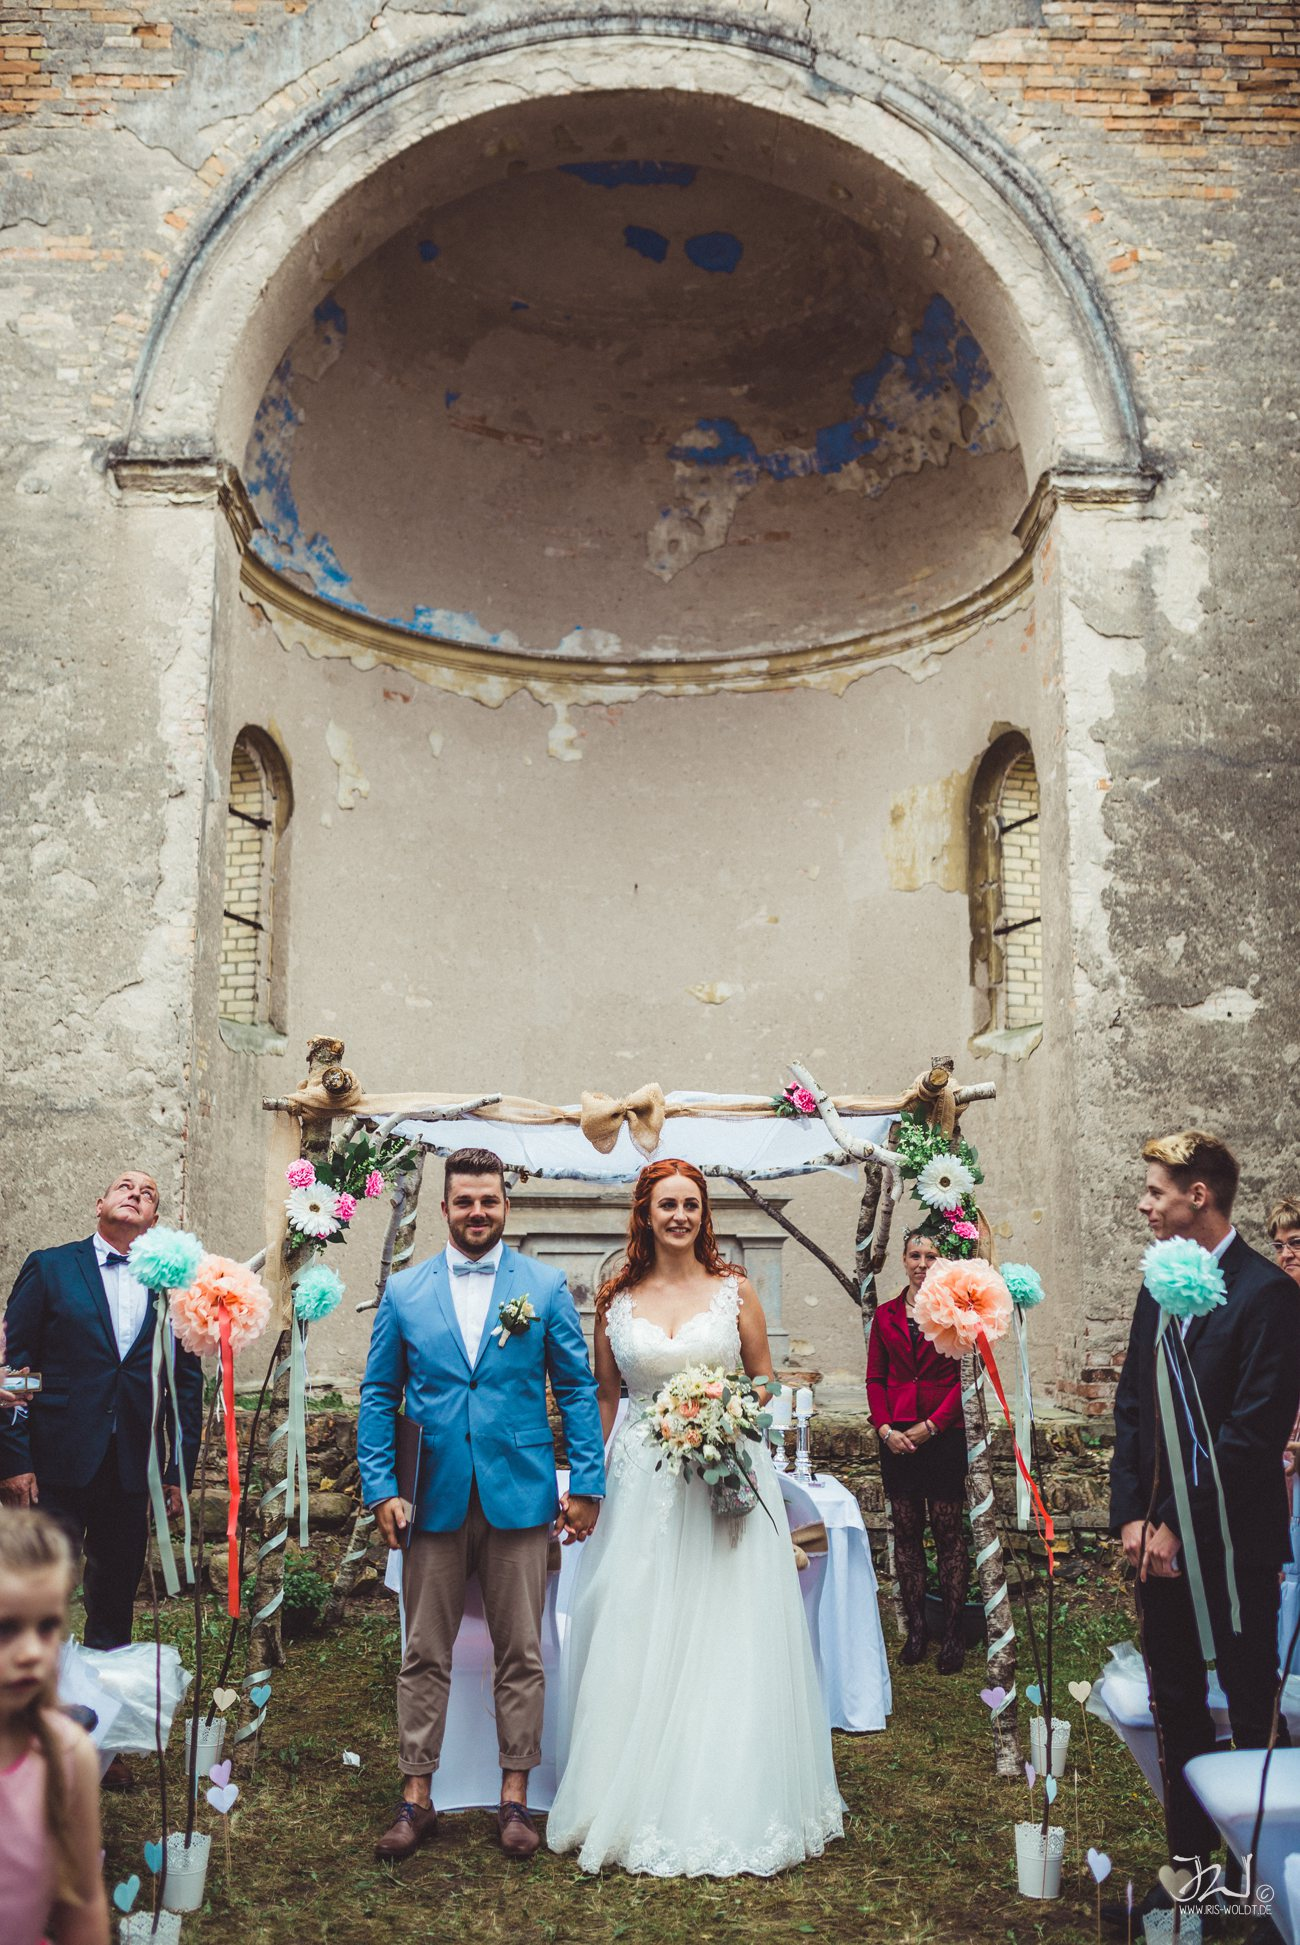 Hochzeitsfotograf_Altthymen_MuehleTornow_IrisWoldt 49